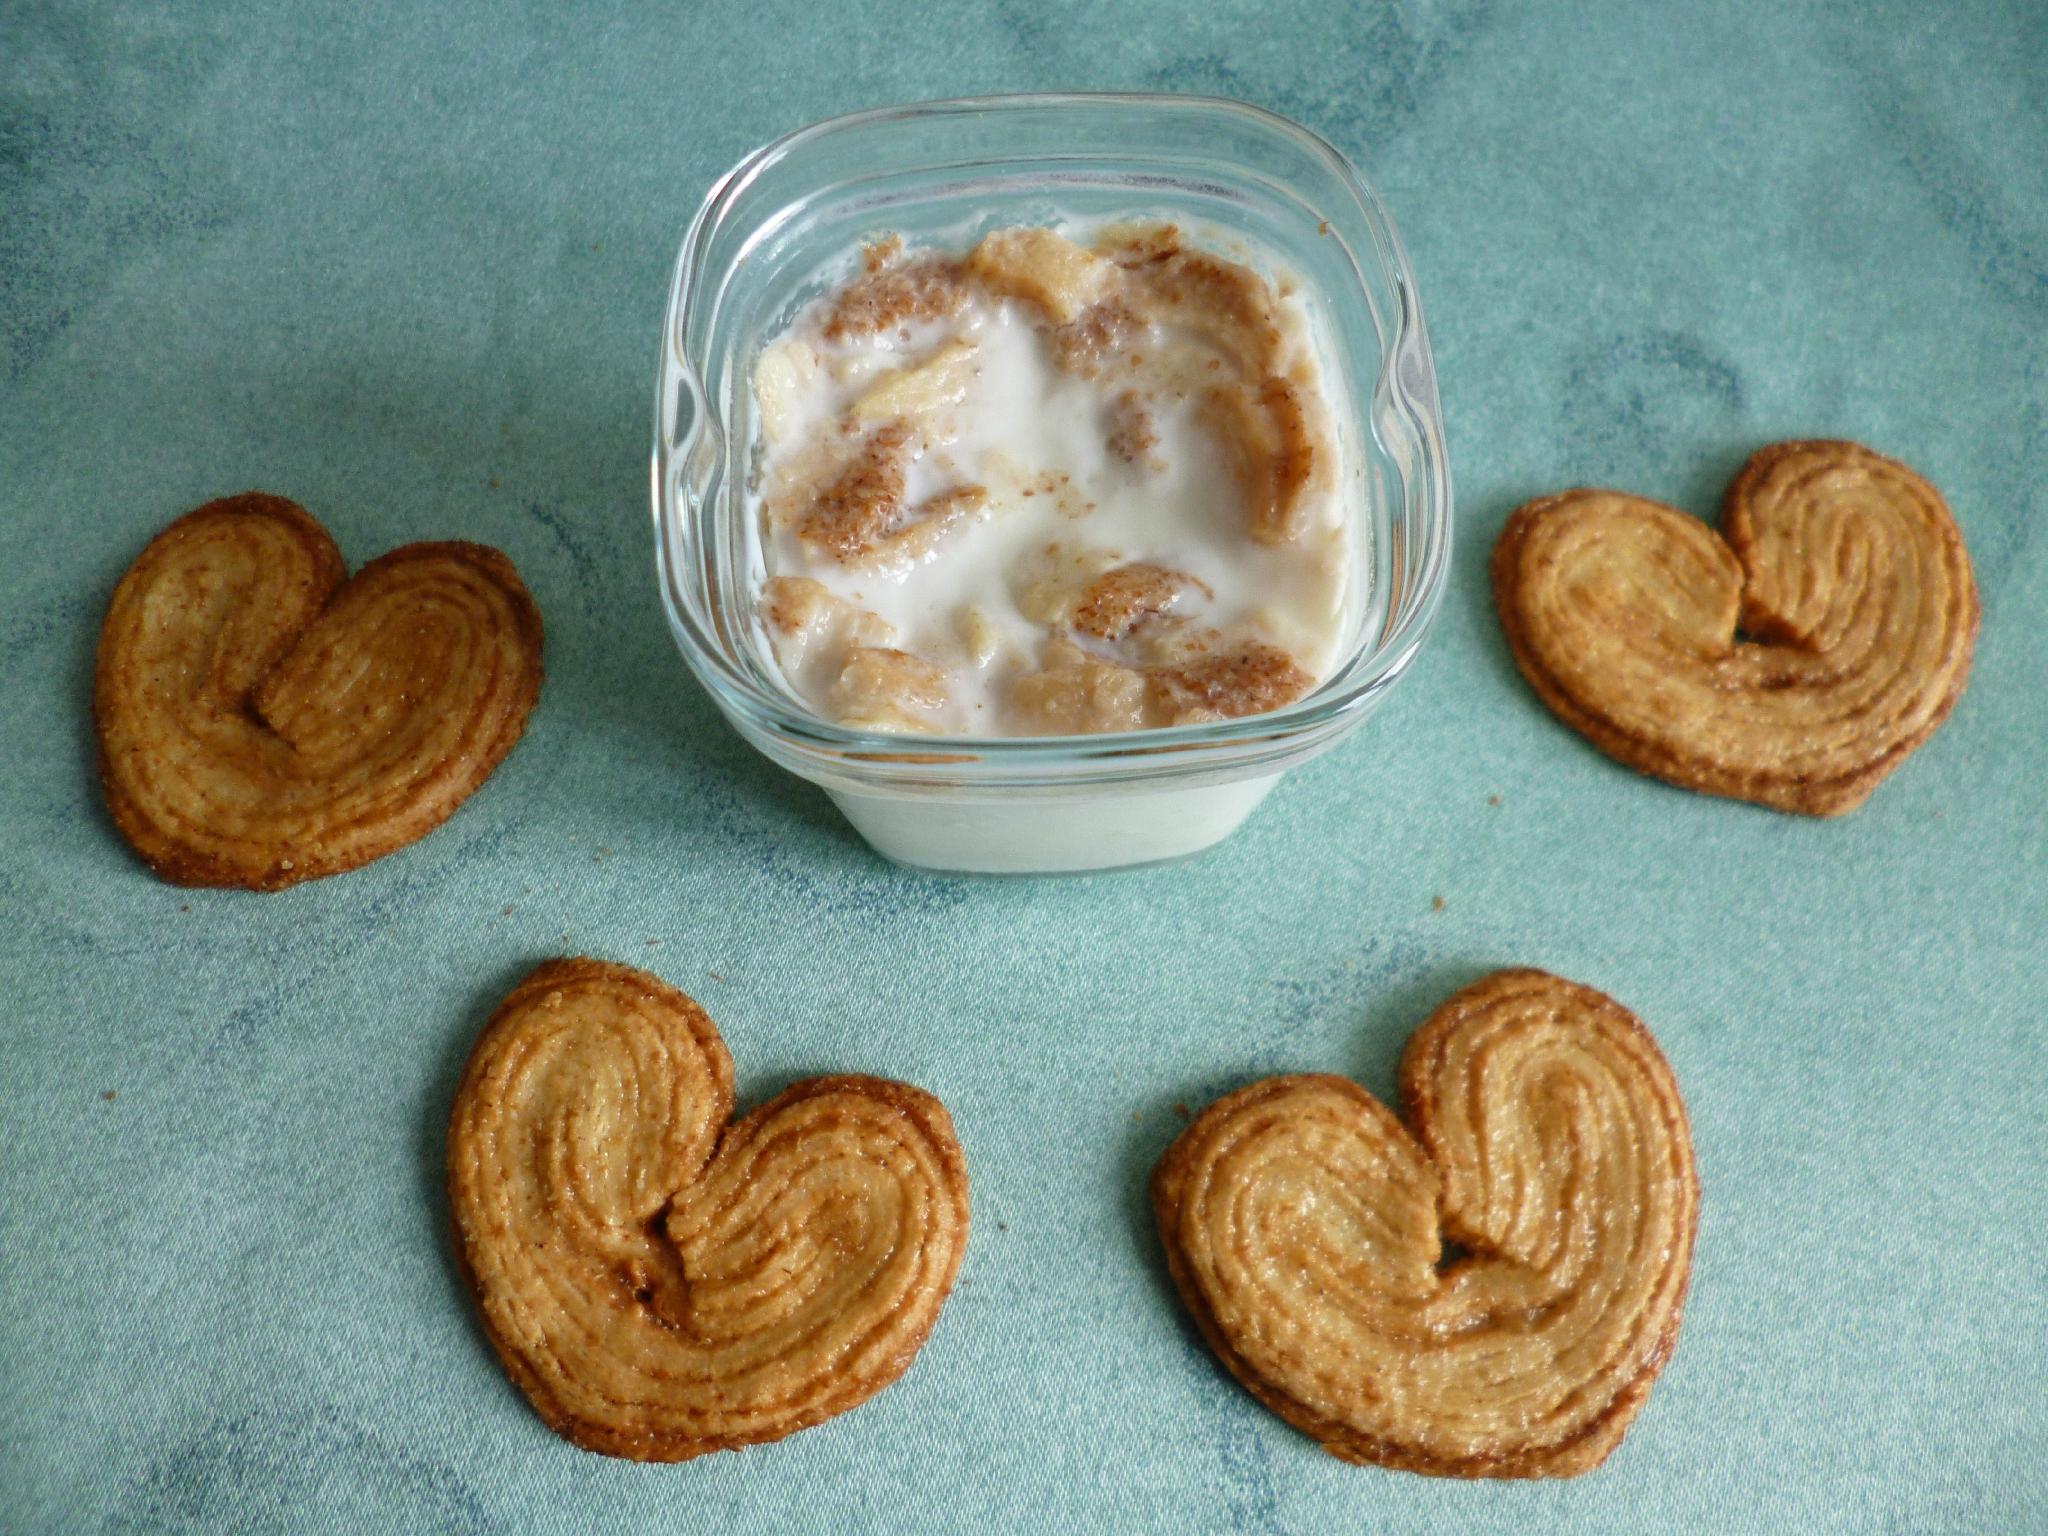 yaourts maison di t tiques aux biscuits palmiers sans sucre mes gourmandises di t tiques. Black Bedroom Furniture Sets. Home Design Ideas